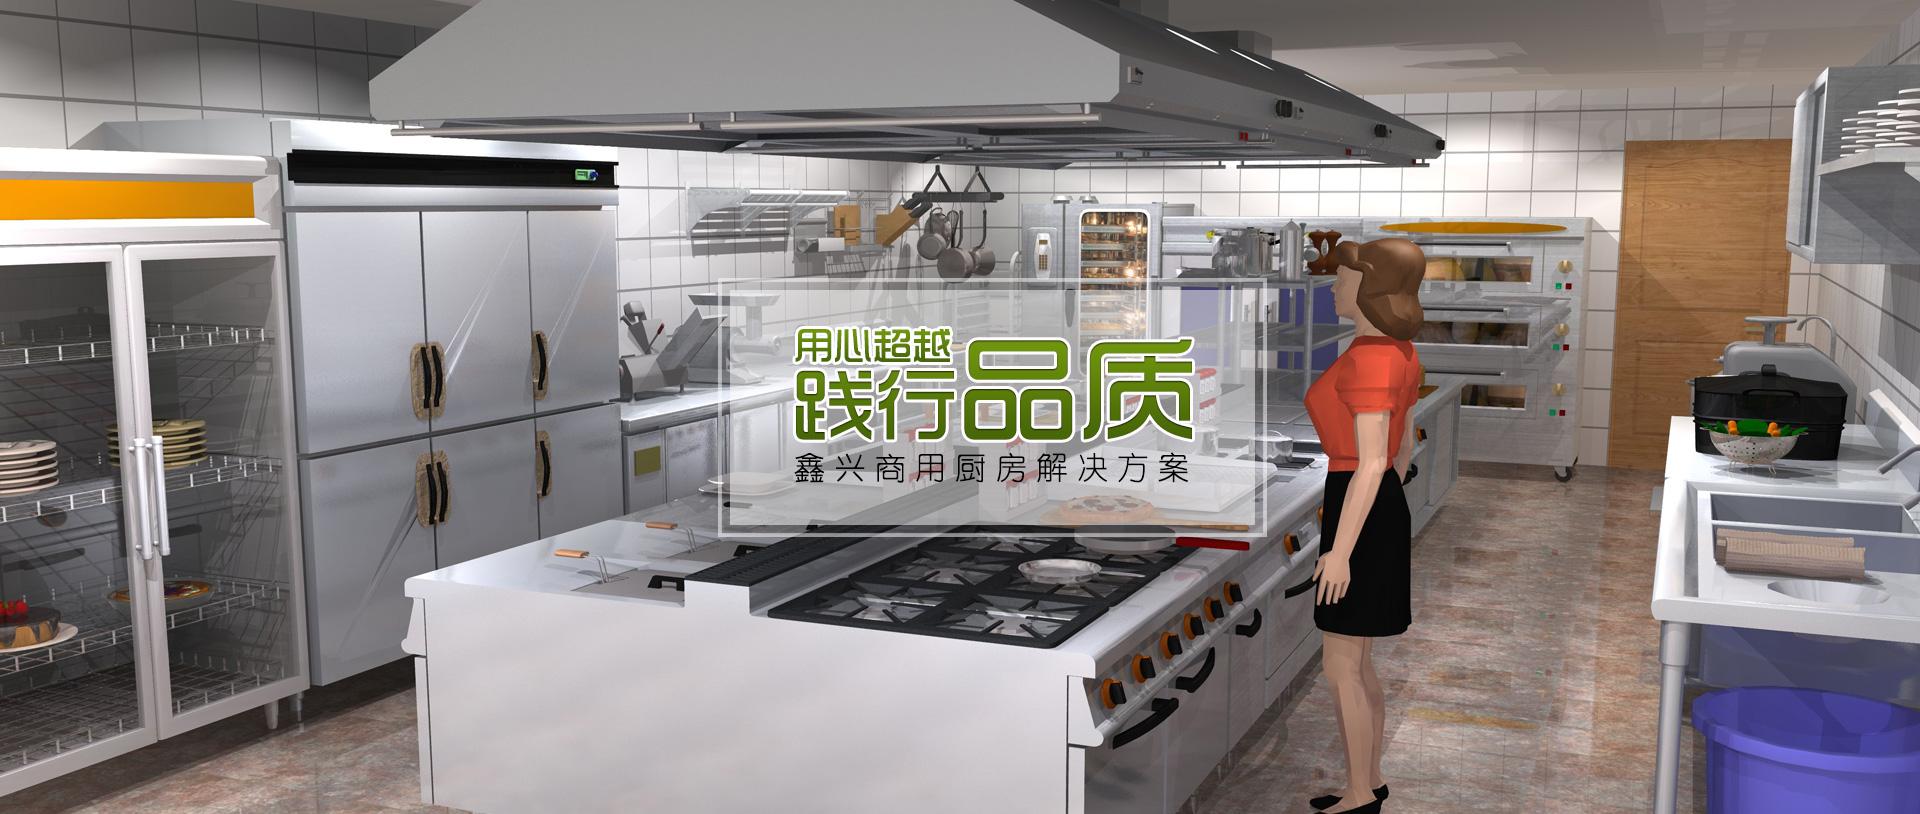 甘肅廚房設備